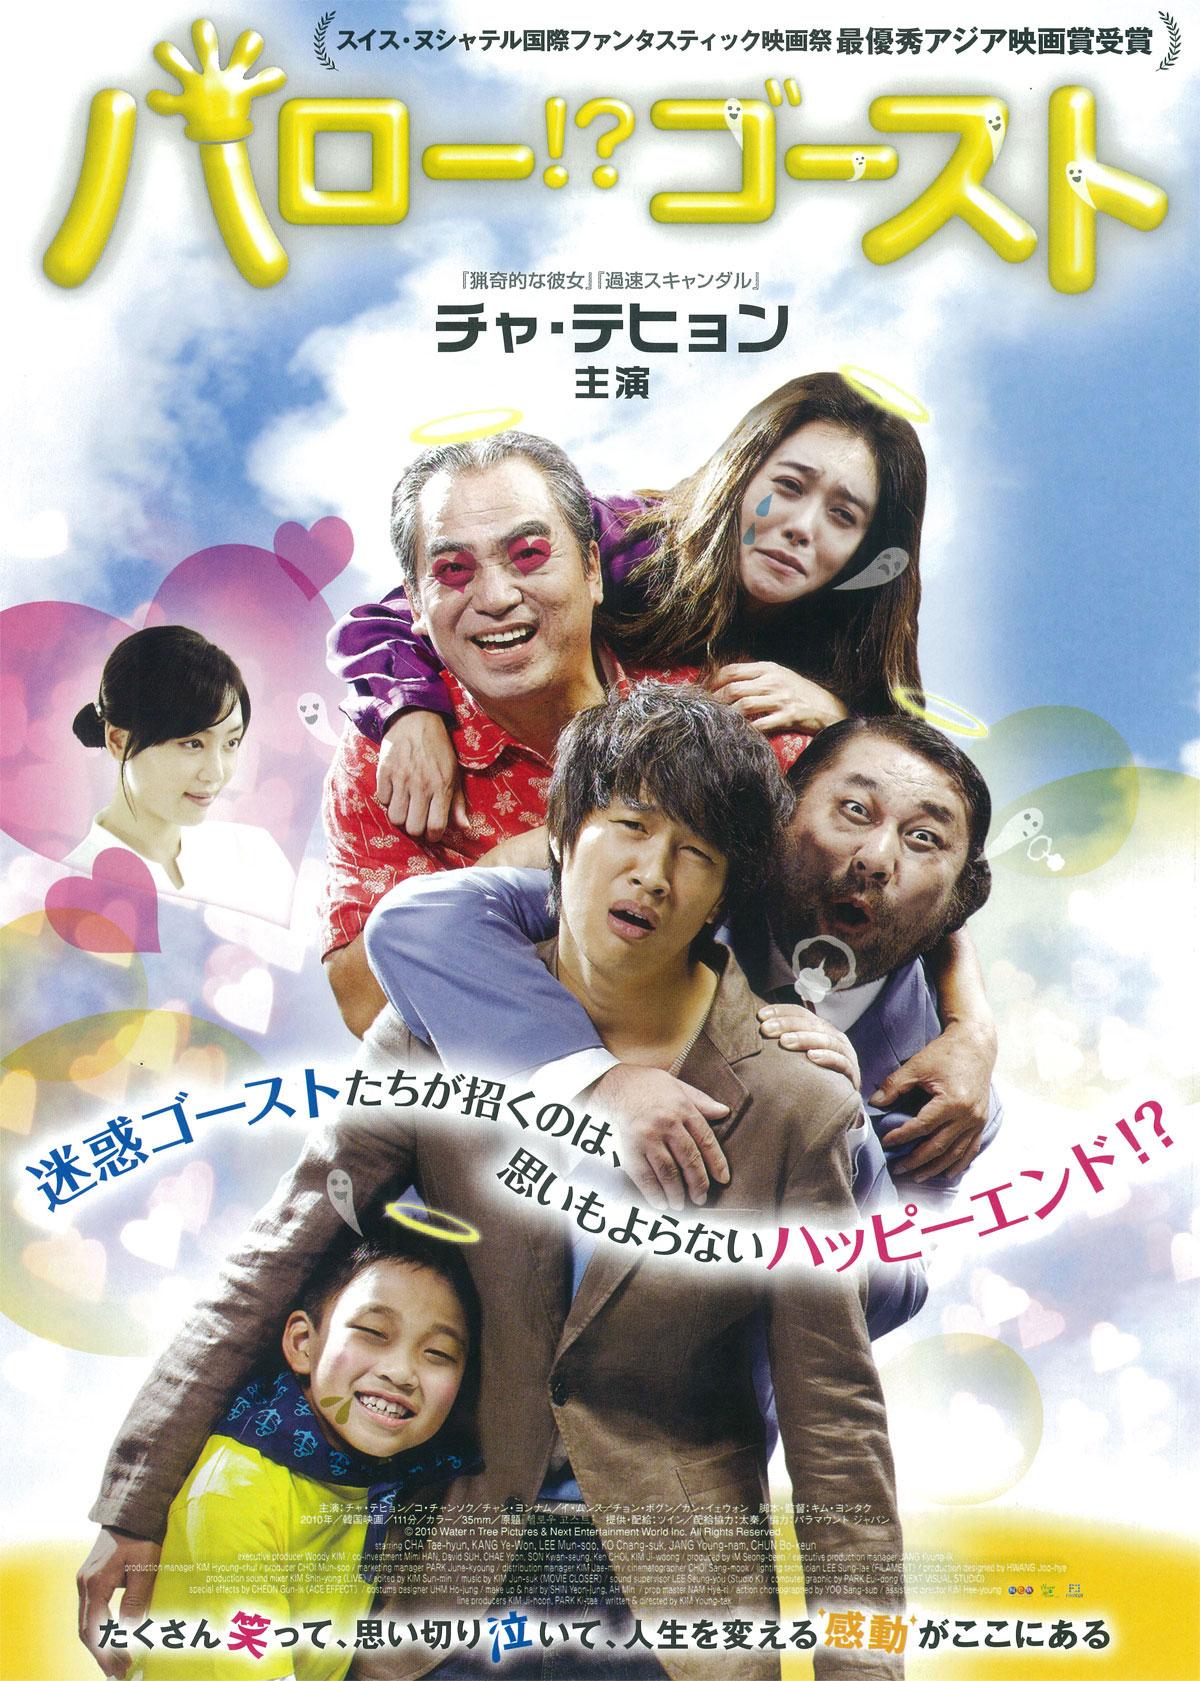 韓国映画の「ハロー!?ゴースト」レビュー。本当に面白いので紹介したい!!